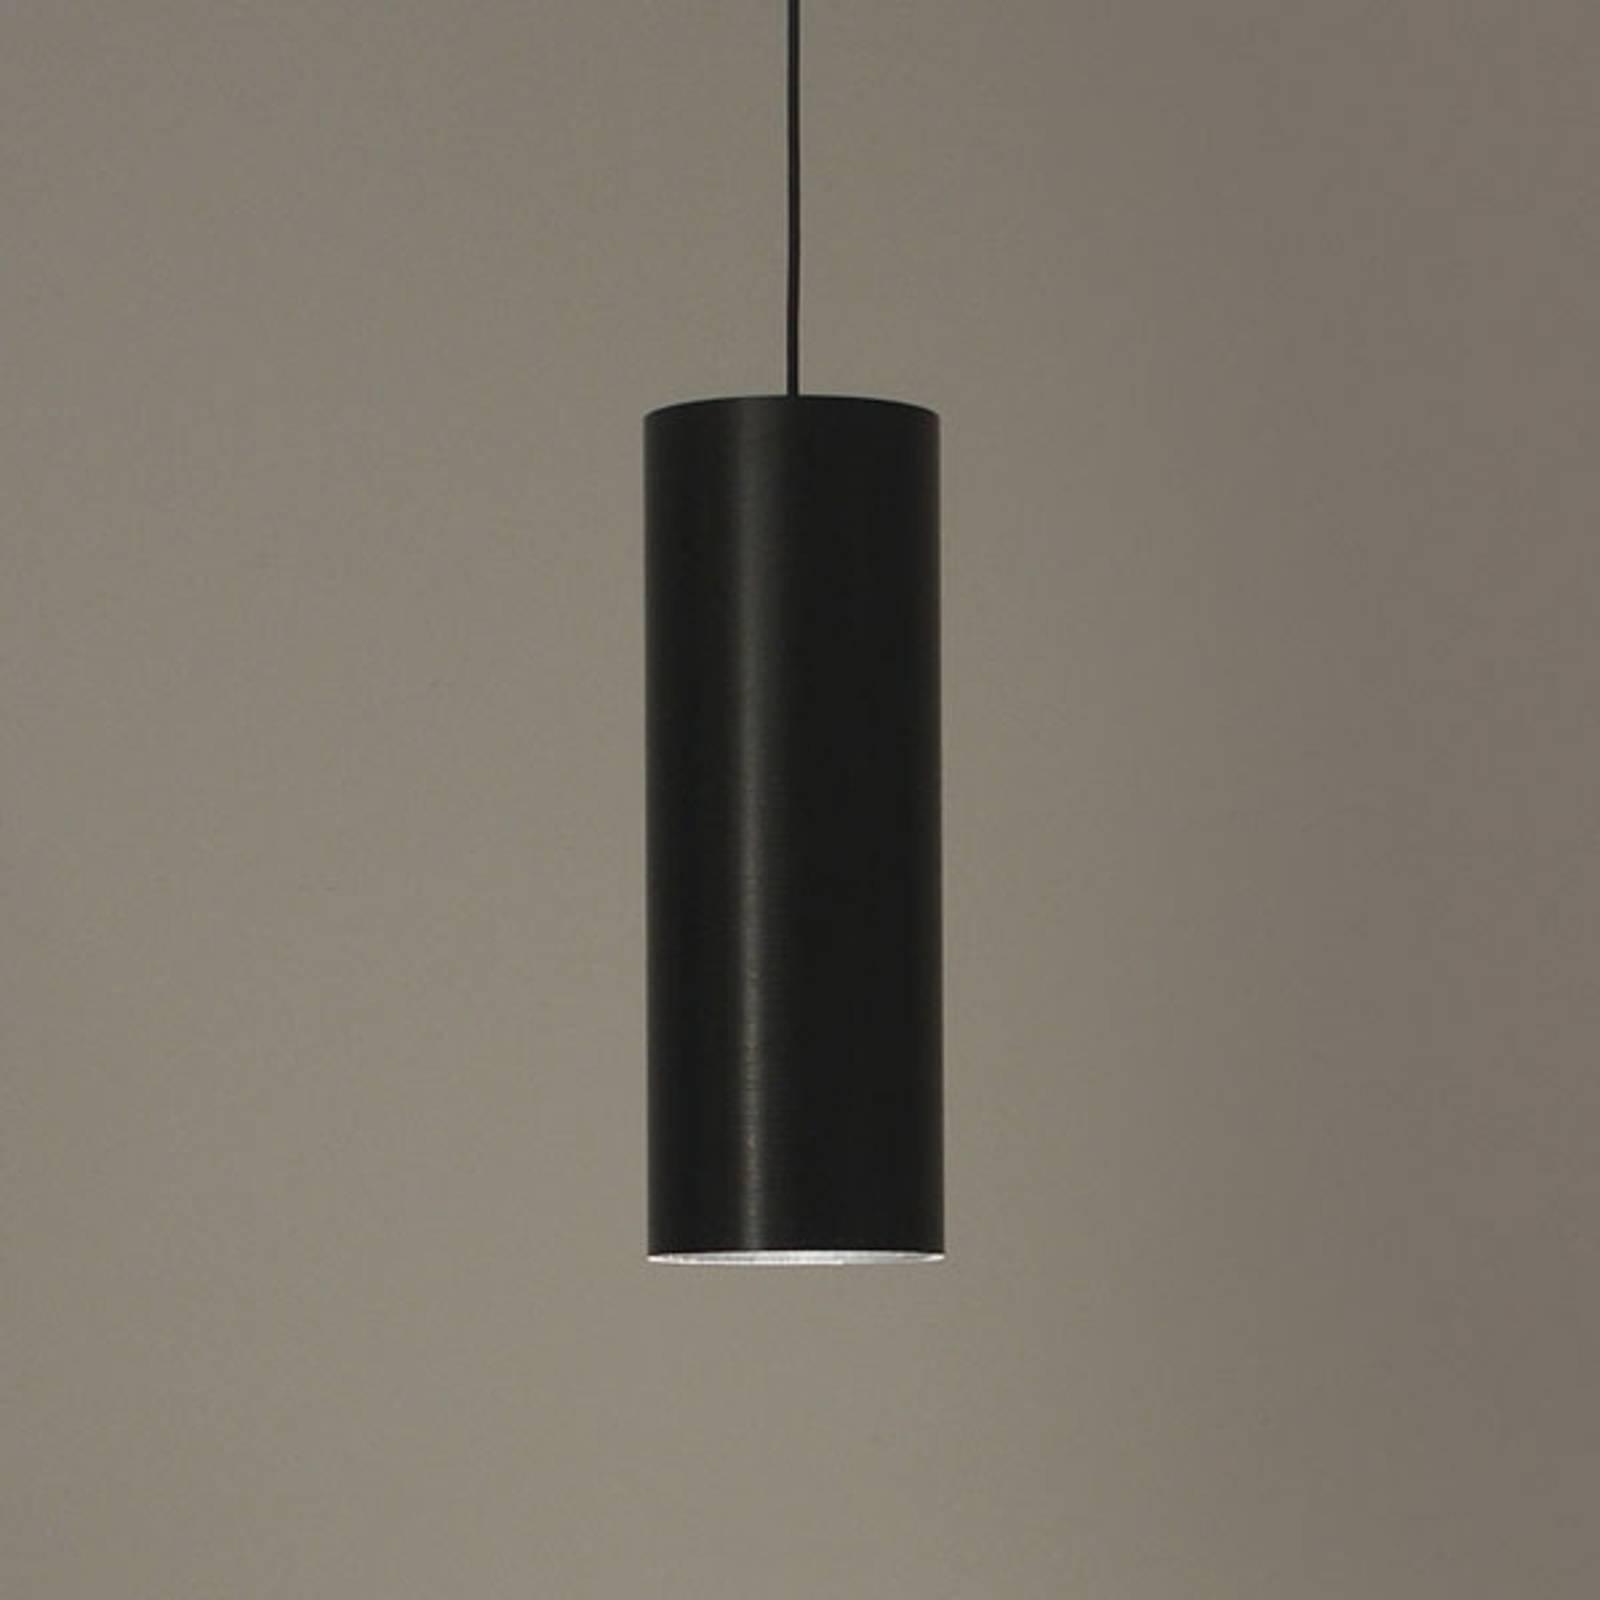 Designer-Pendelleuchte Tube 40